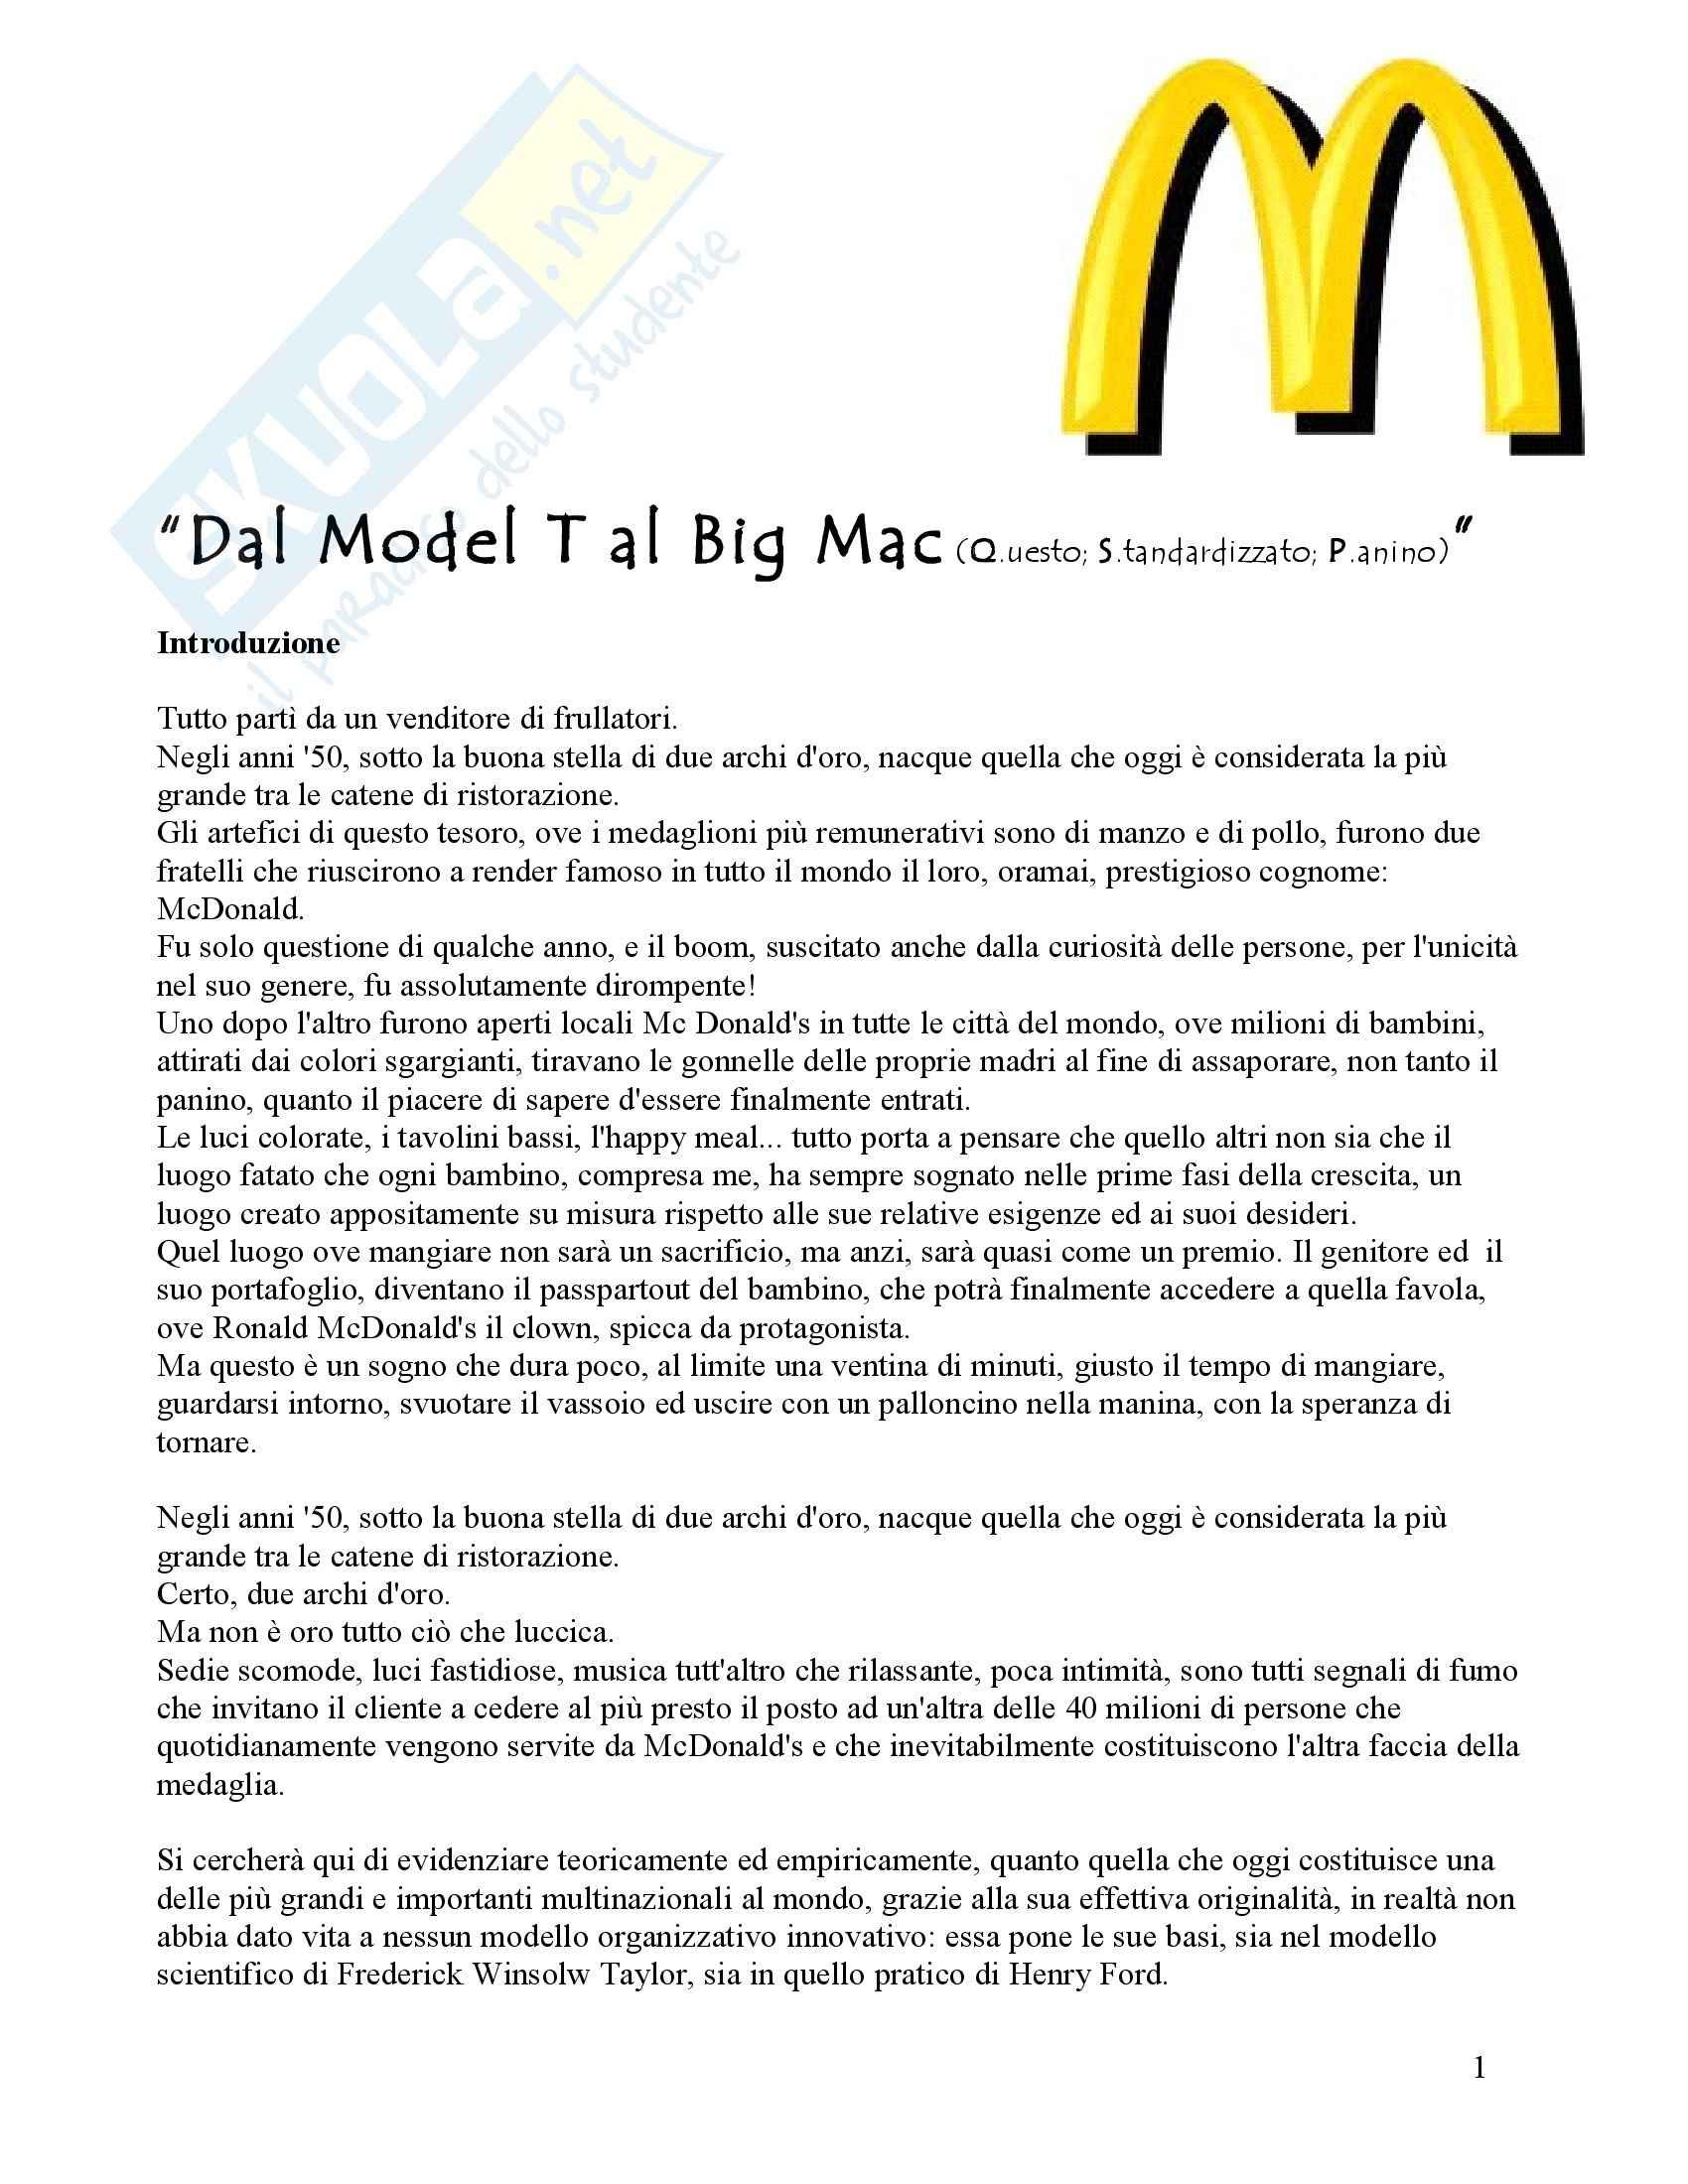 Organizzazione aziendale - storia sull'azienda Mc Donald's